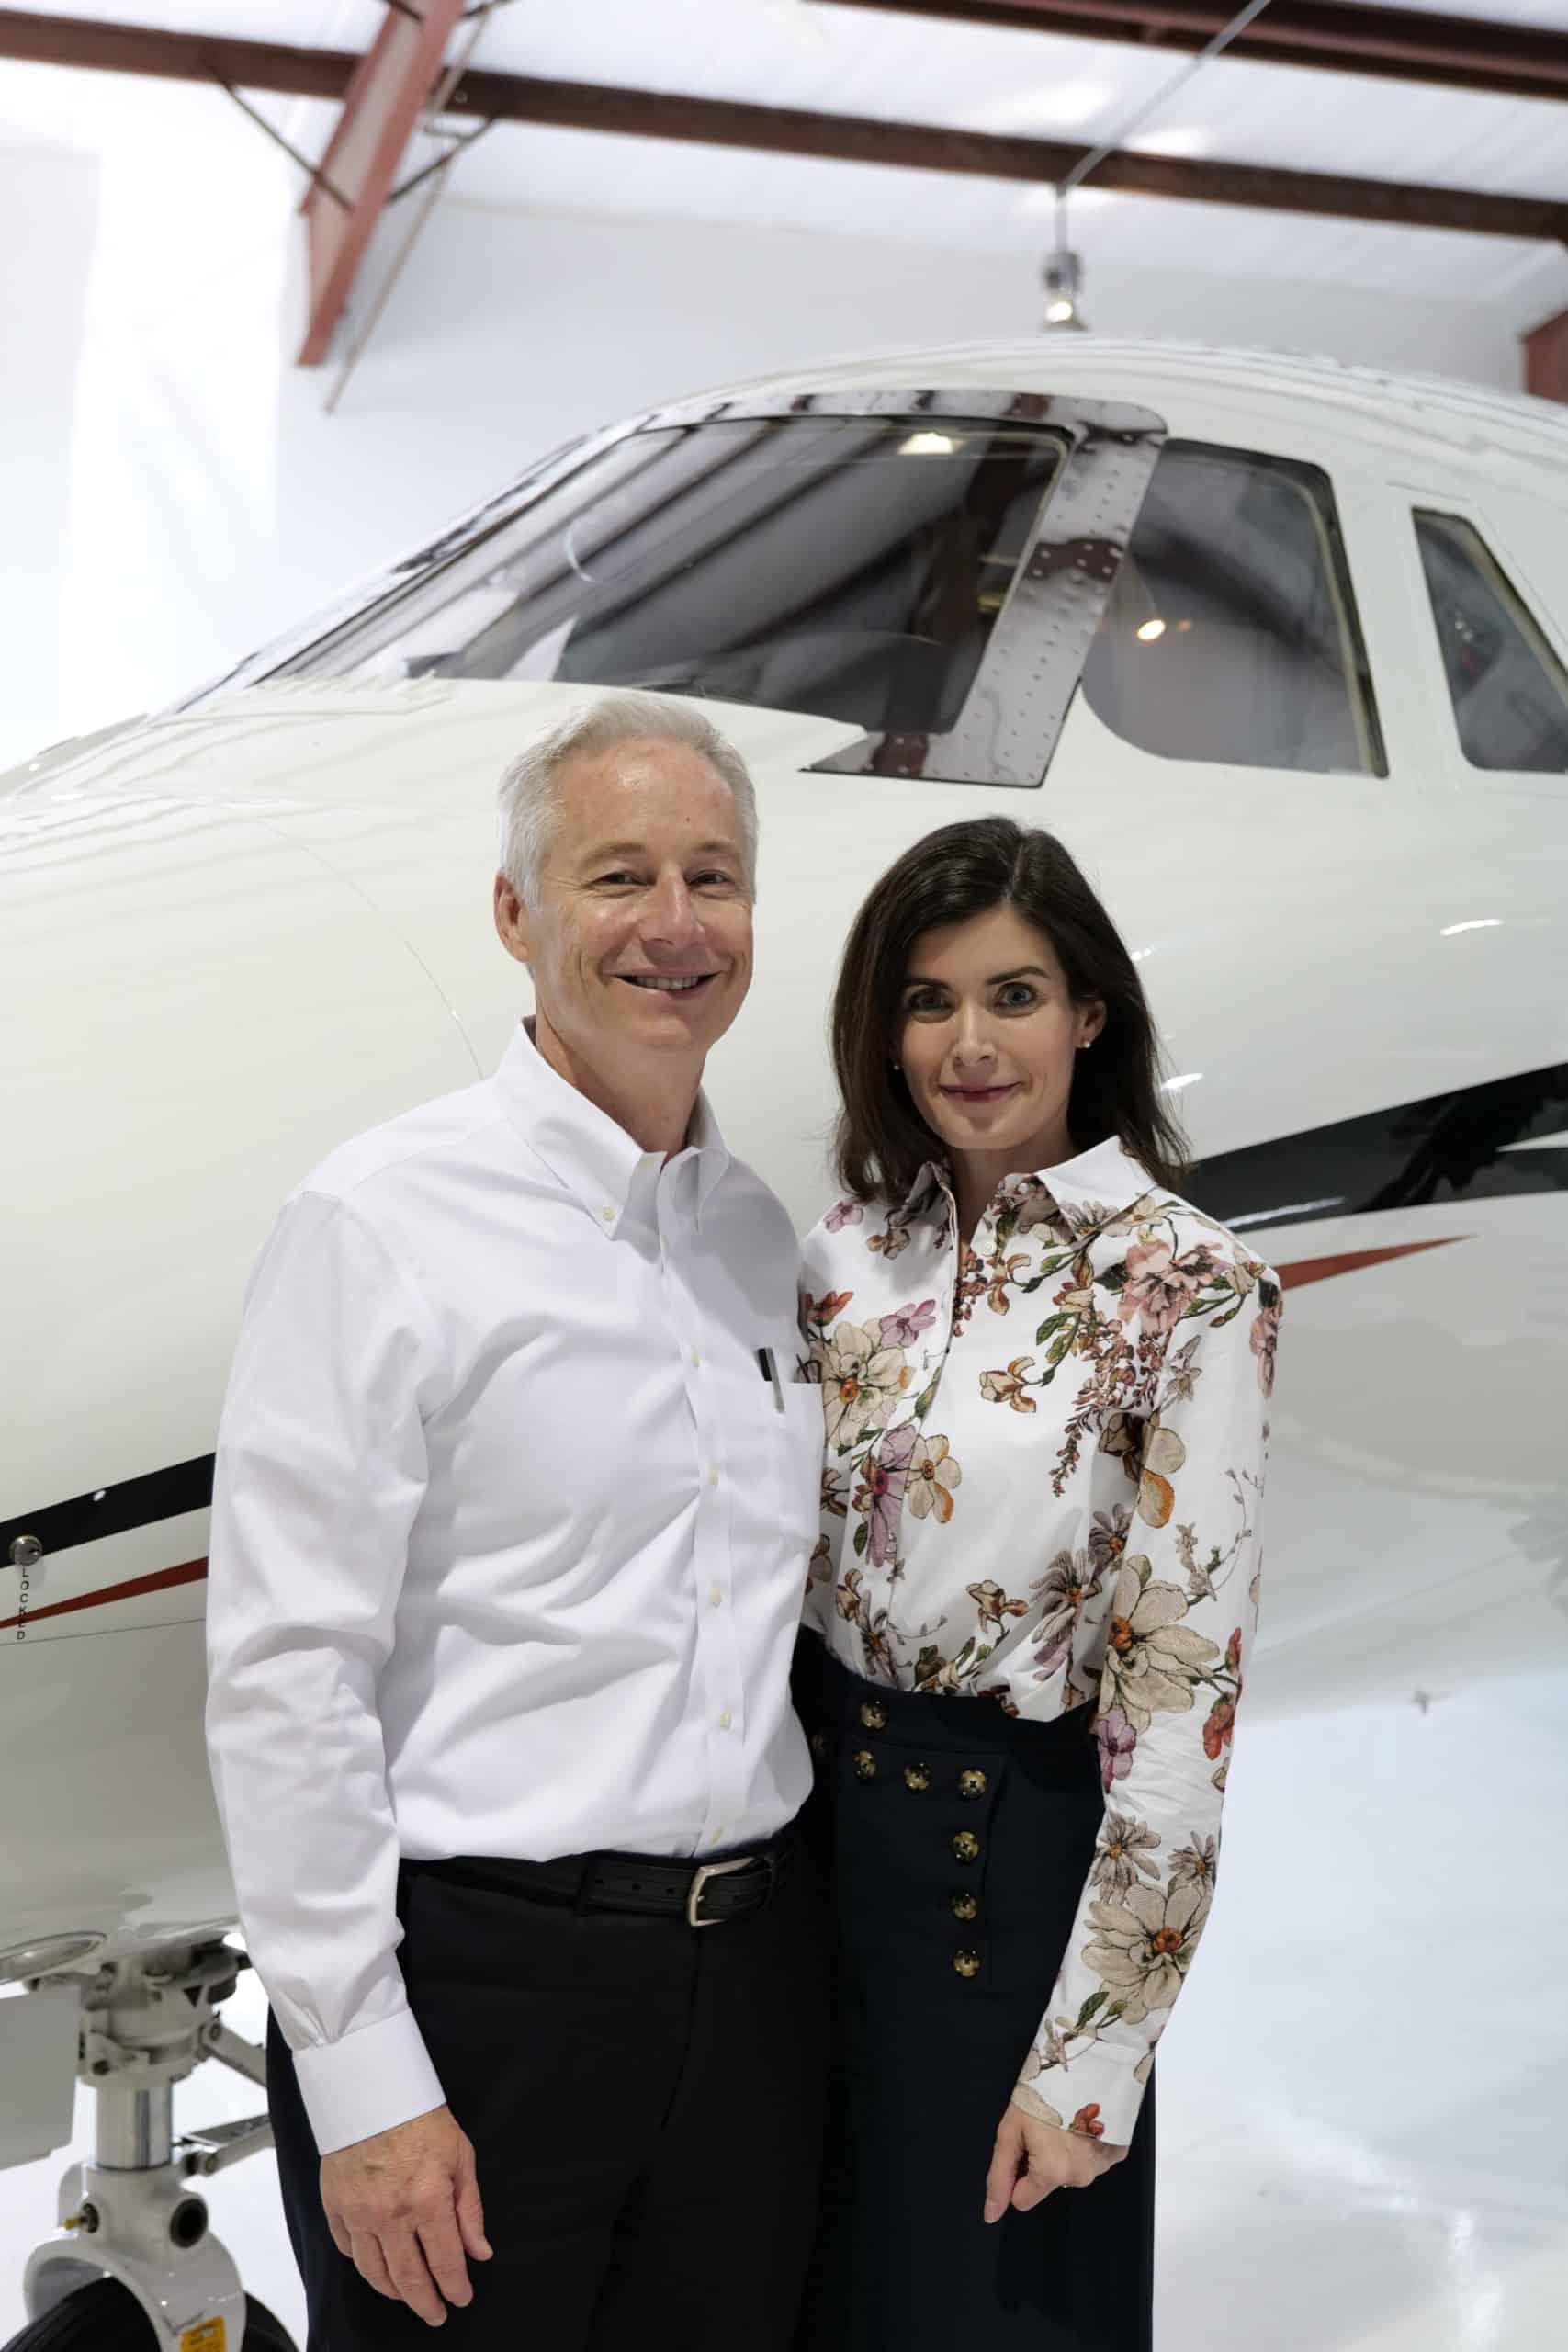 Gene and Claire Dawson